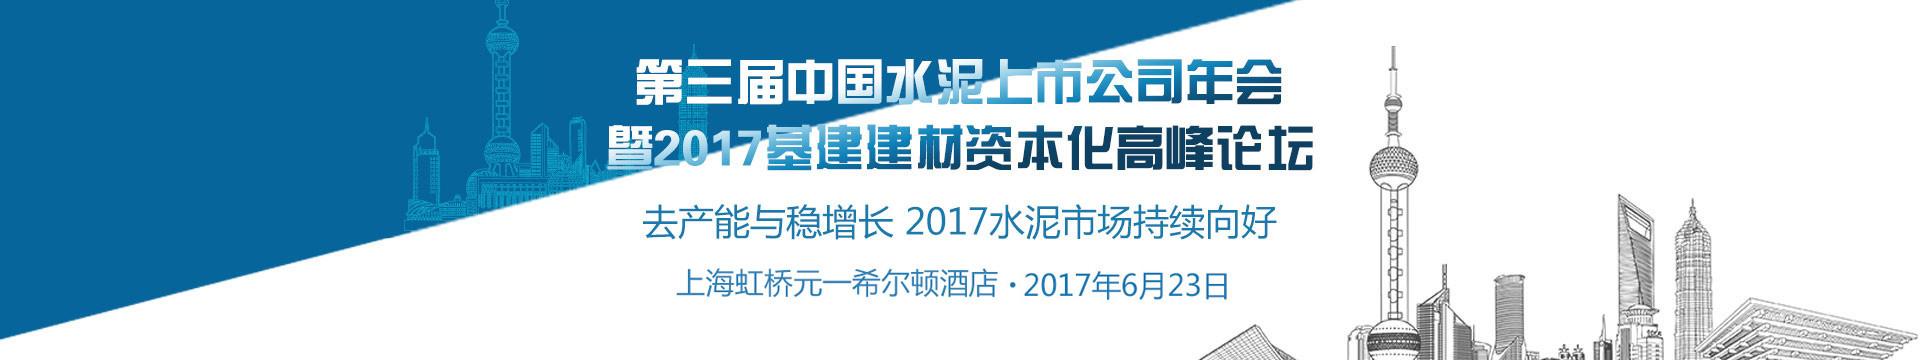 第三届中国水泥上市公司年会暨2017基建建材资本化高峰论坛